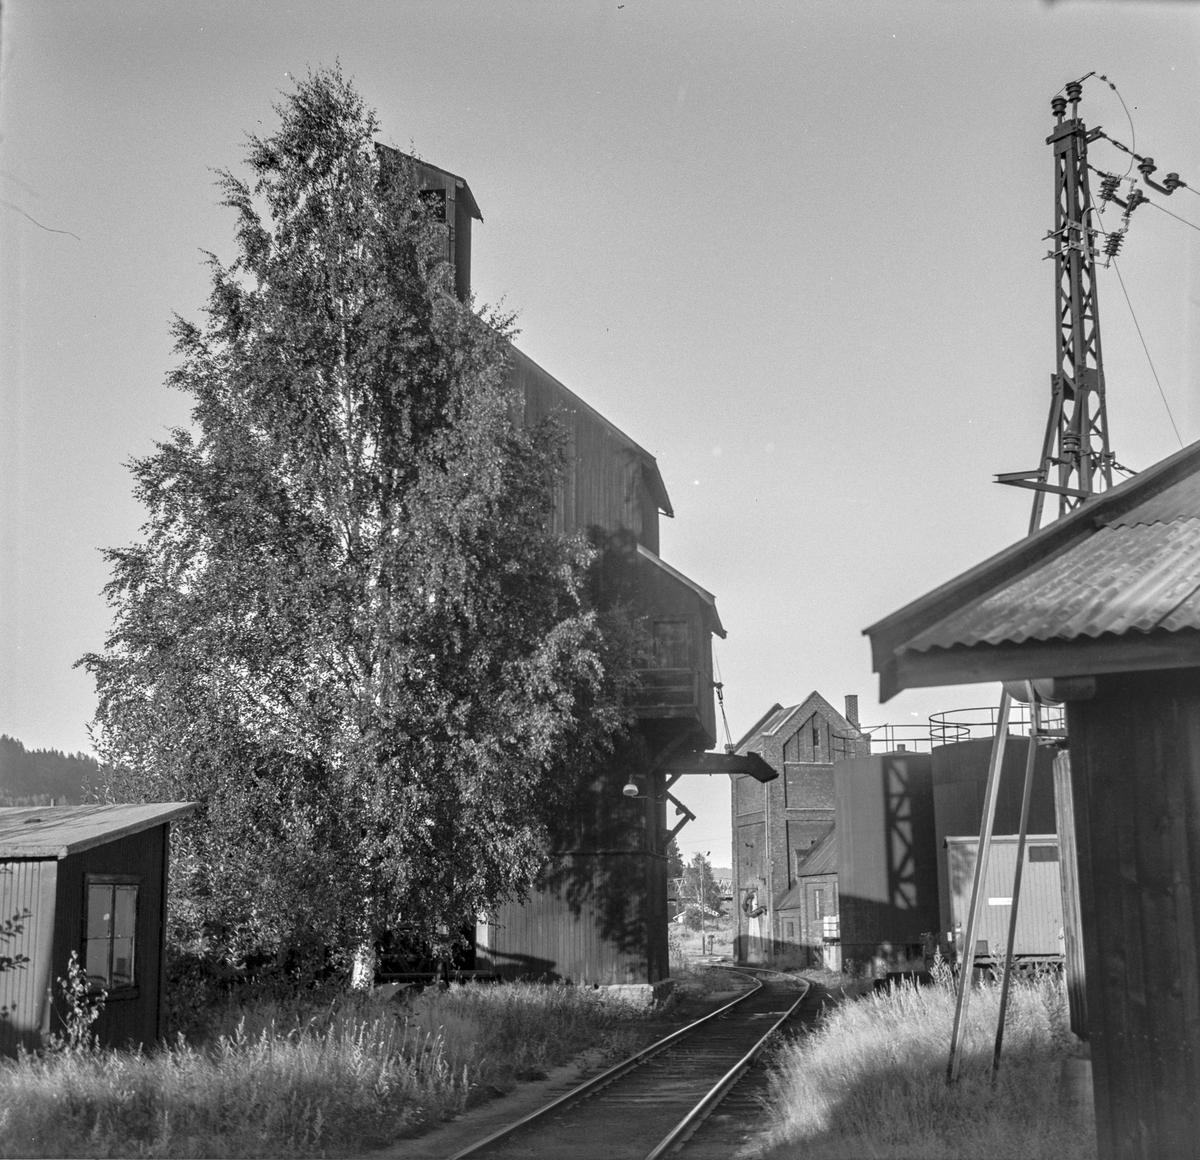 Kull- og vanntårn på Sundland, Drammen.